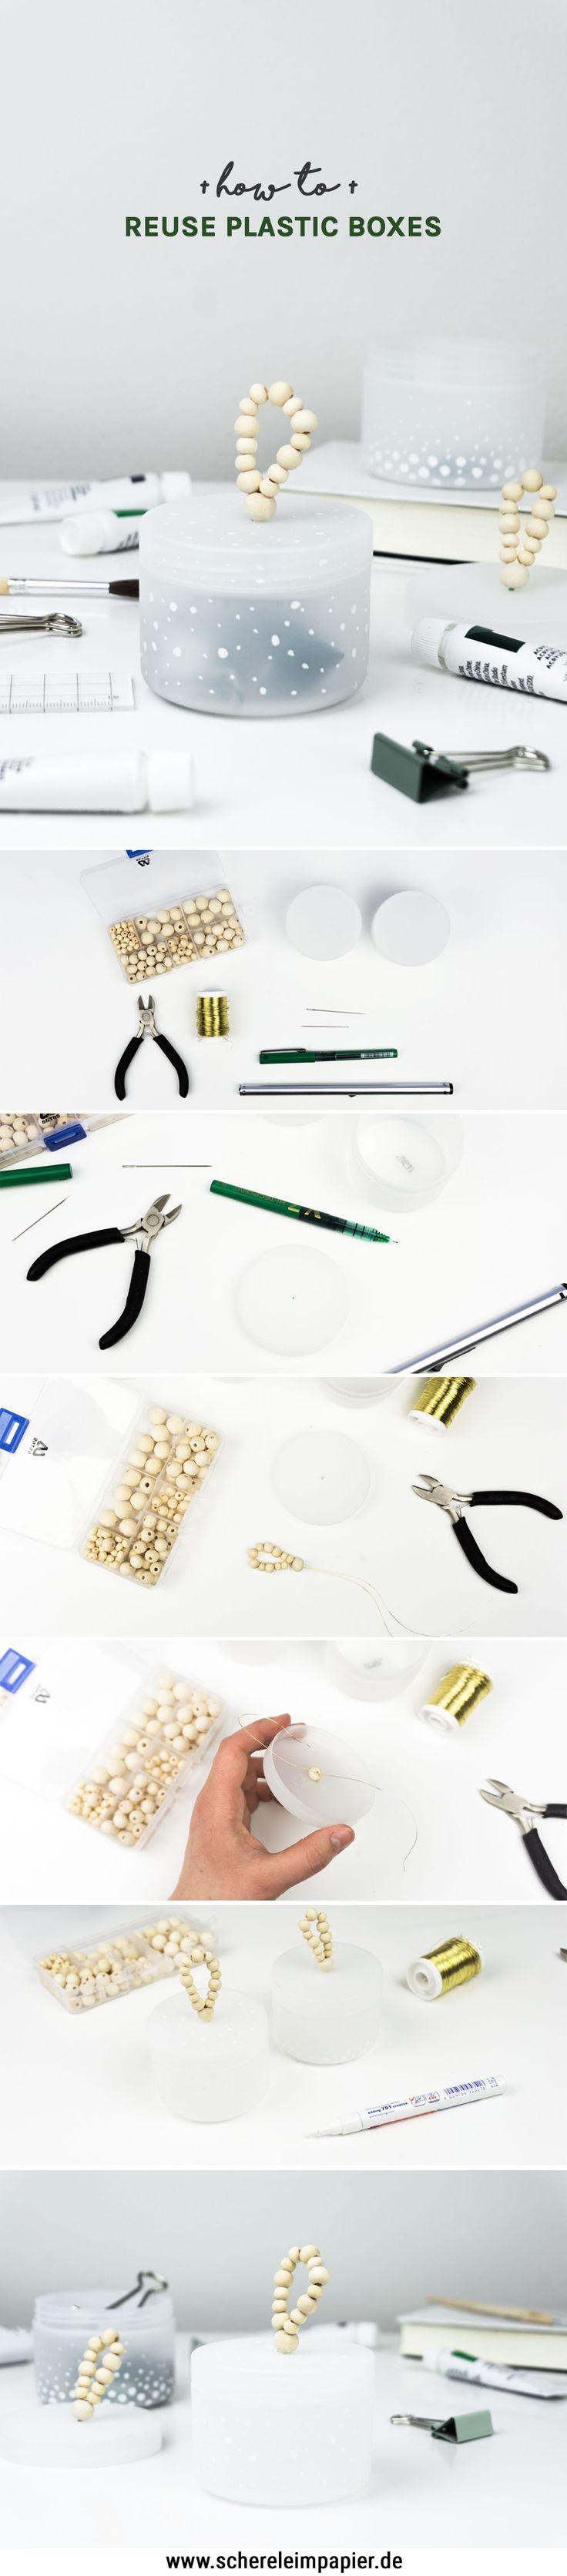 DIY Deko / DIY Wohnen: Upcycling Idee aus leeren Kosmetiktiegeln | Mit Hilfe von Holz & Markern werden Plastikdosen in niedliche Boxen für das Bad, den Schreibtisch oder die Küche verwandelt. Tutorial auf dem Blog! | DIY Aufbewahrung selber machen | Basteln | Holzperlen | Recycling | Plastic Boxes | Crafting | #diy #upcycling